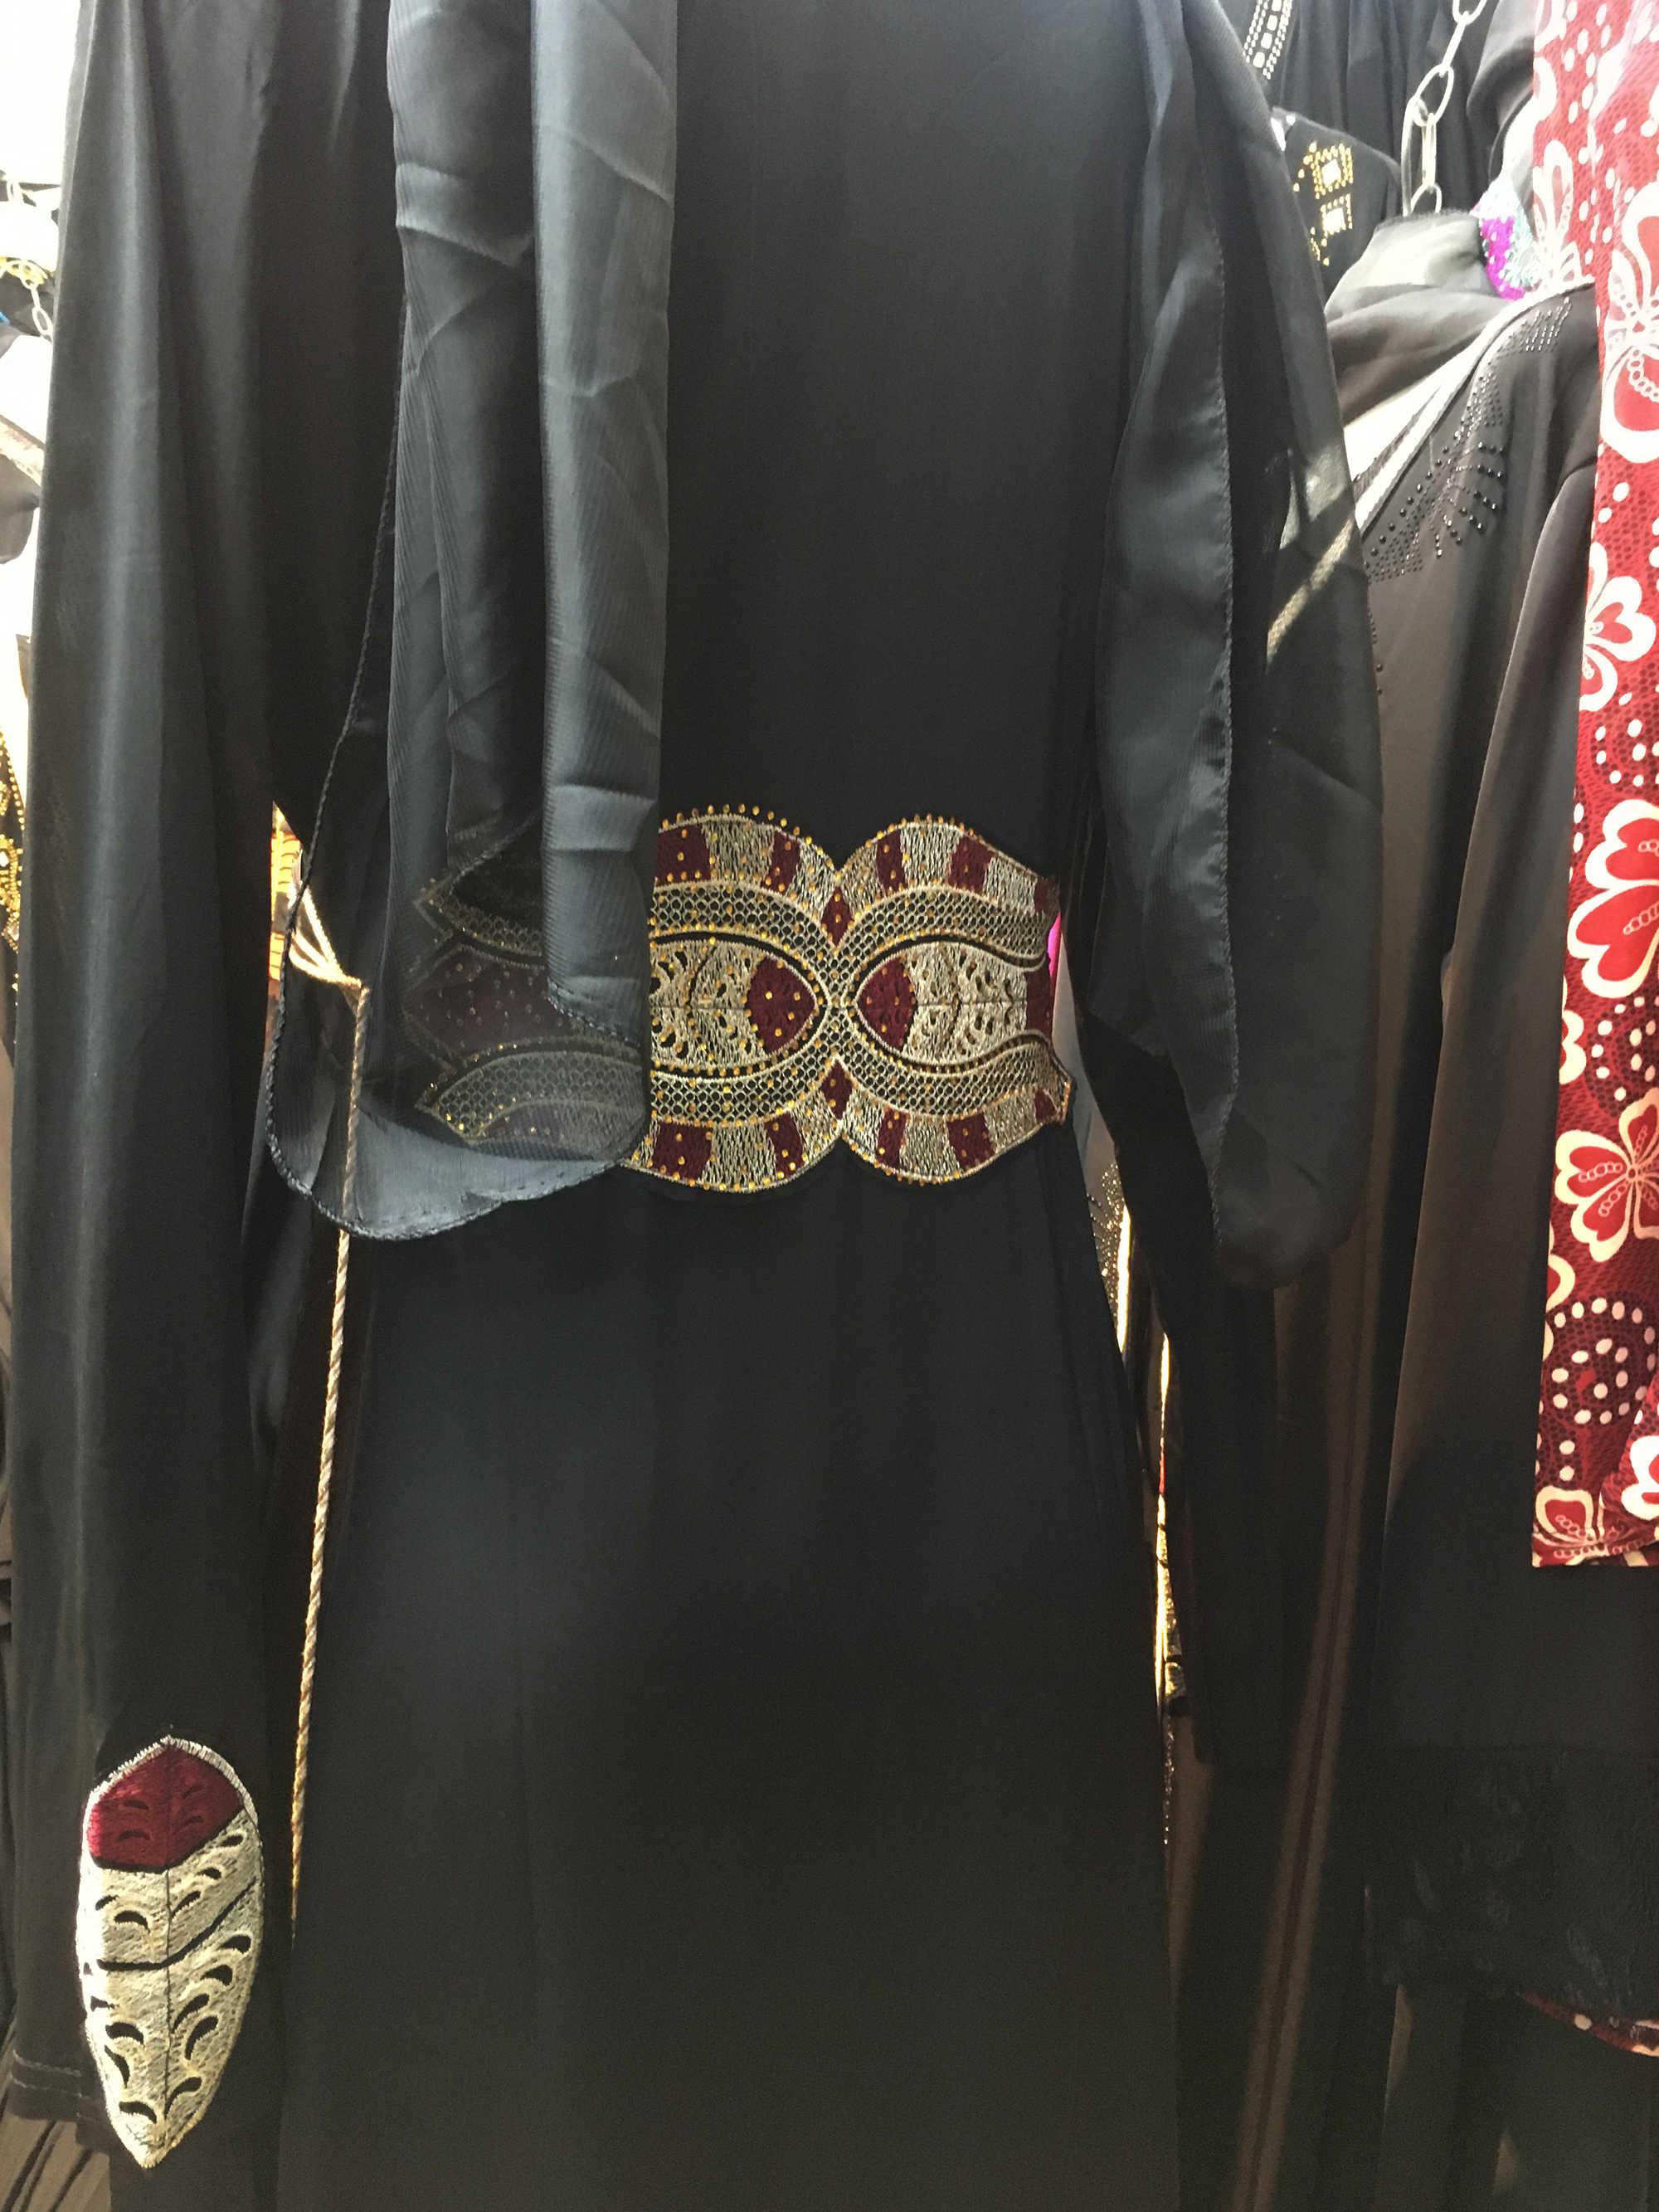 무료 배송 두바이 Abaya 중동 가운 라마단 옷 다이아몬드 Embroide Kaftan Jibab 이슬람 무슬림 복장 여성을위한